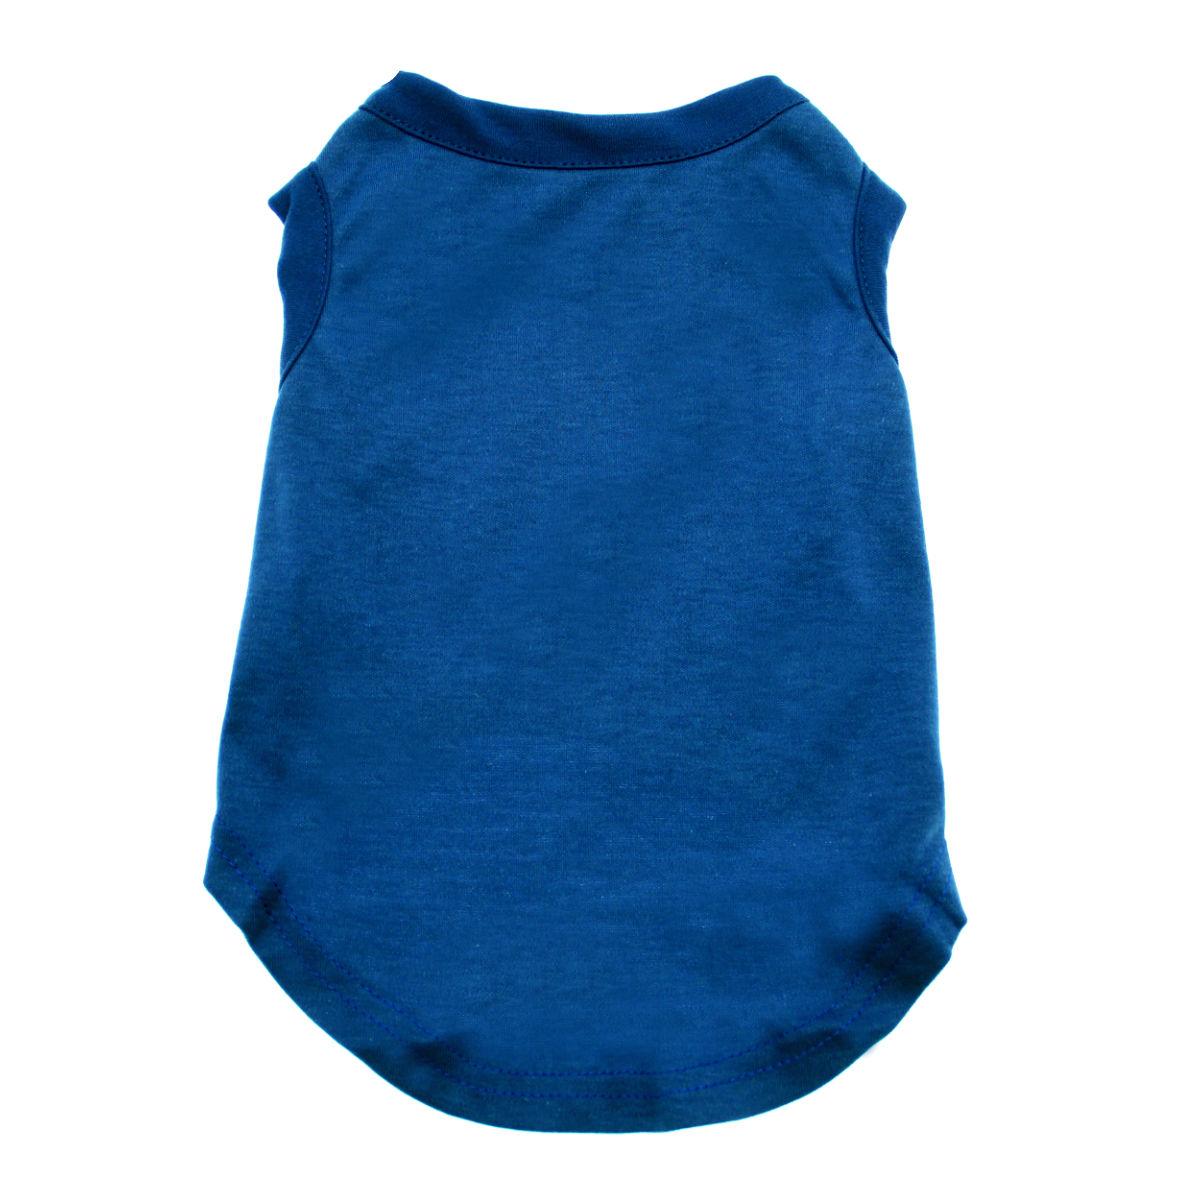 Plain Dog Shirt - Blue